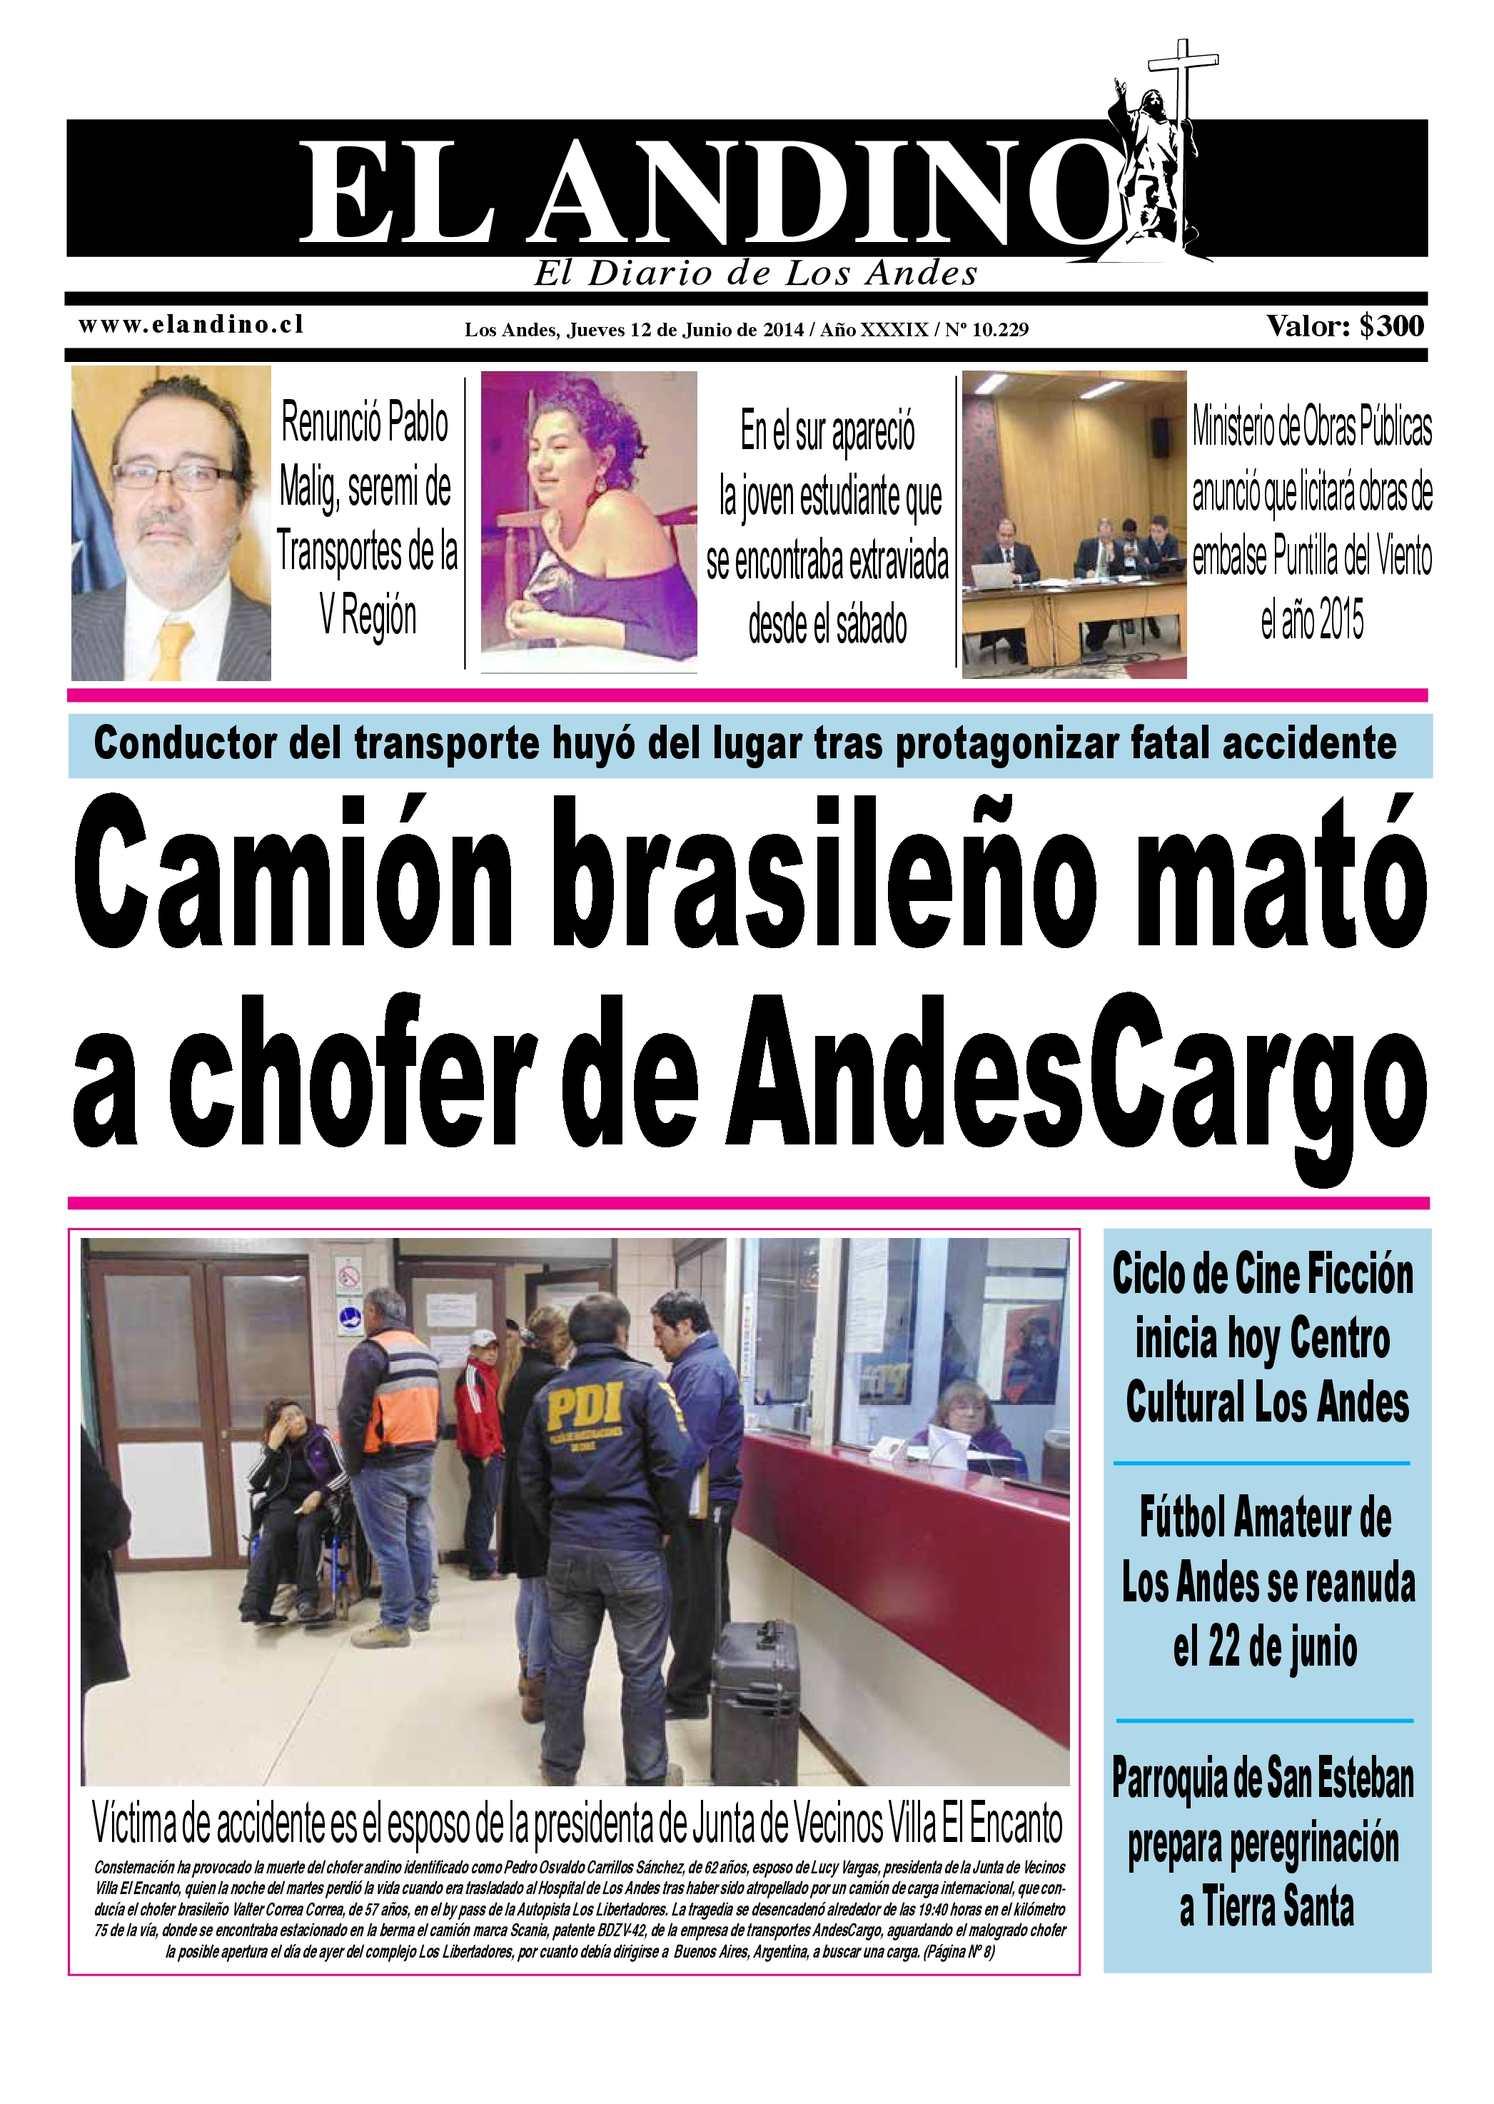 Calaméo - Diario El Andino - jueves 12 de Junio de 2014